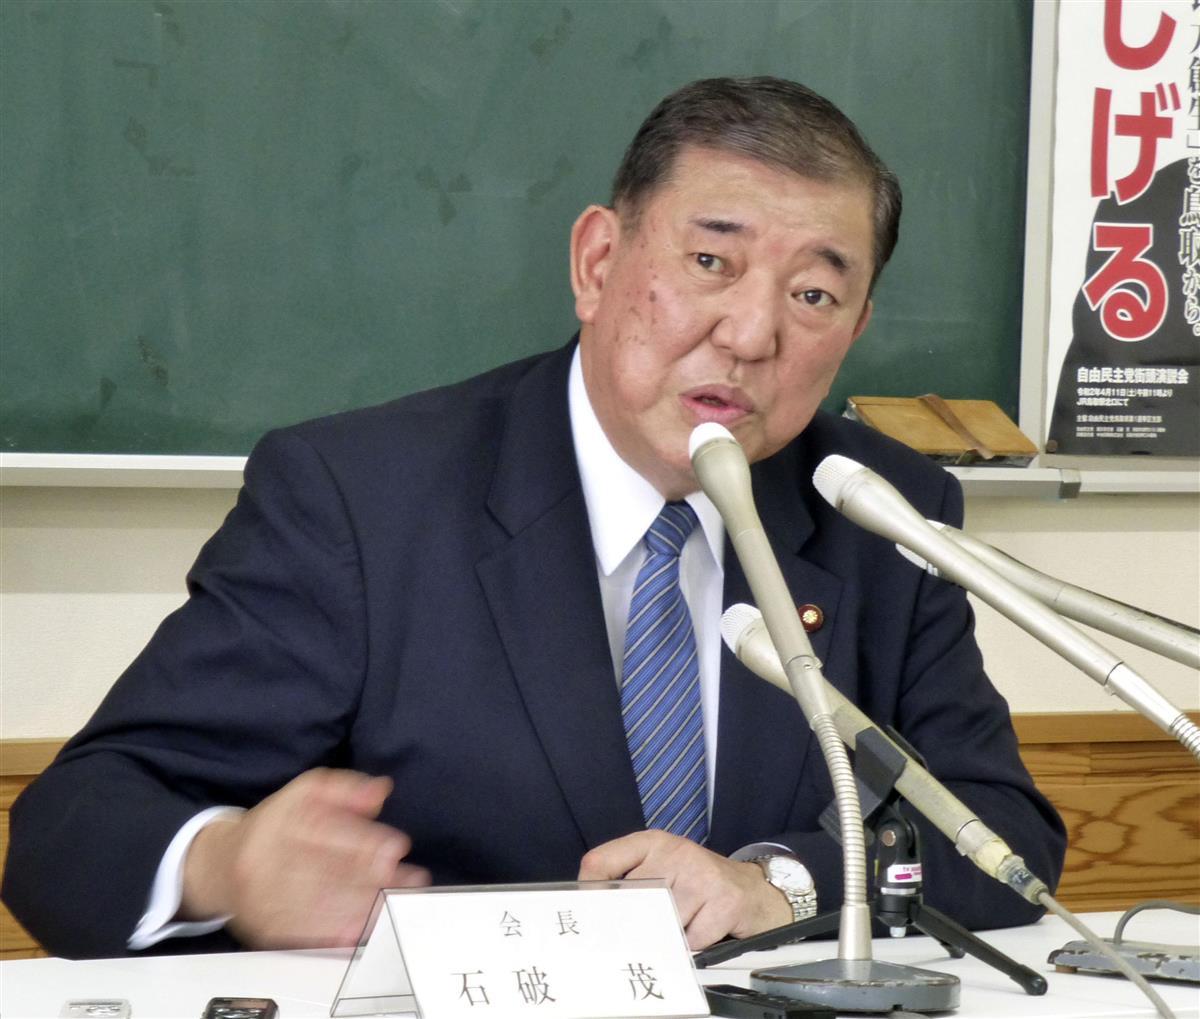 地元鳥取で会長辞任説明 石破氏「仲間のため尽力」